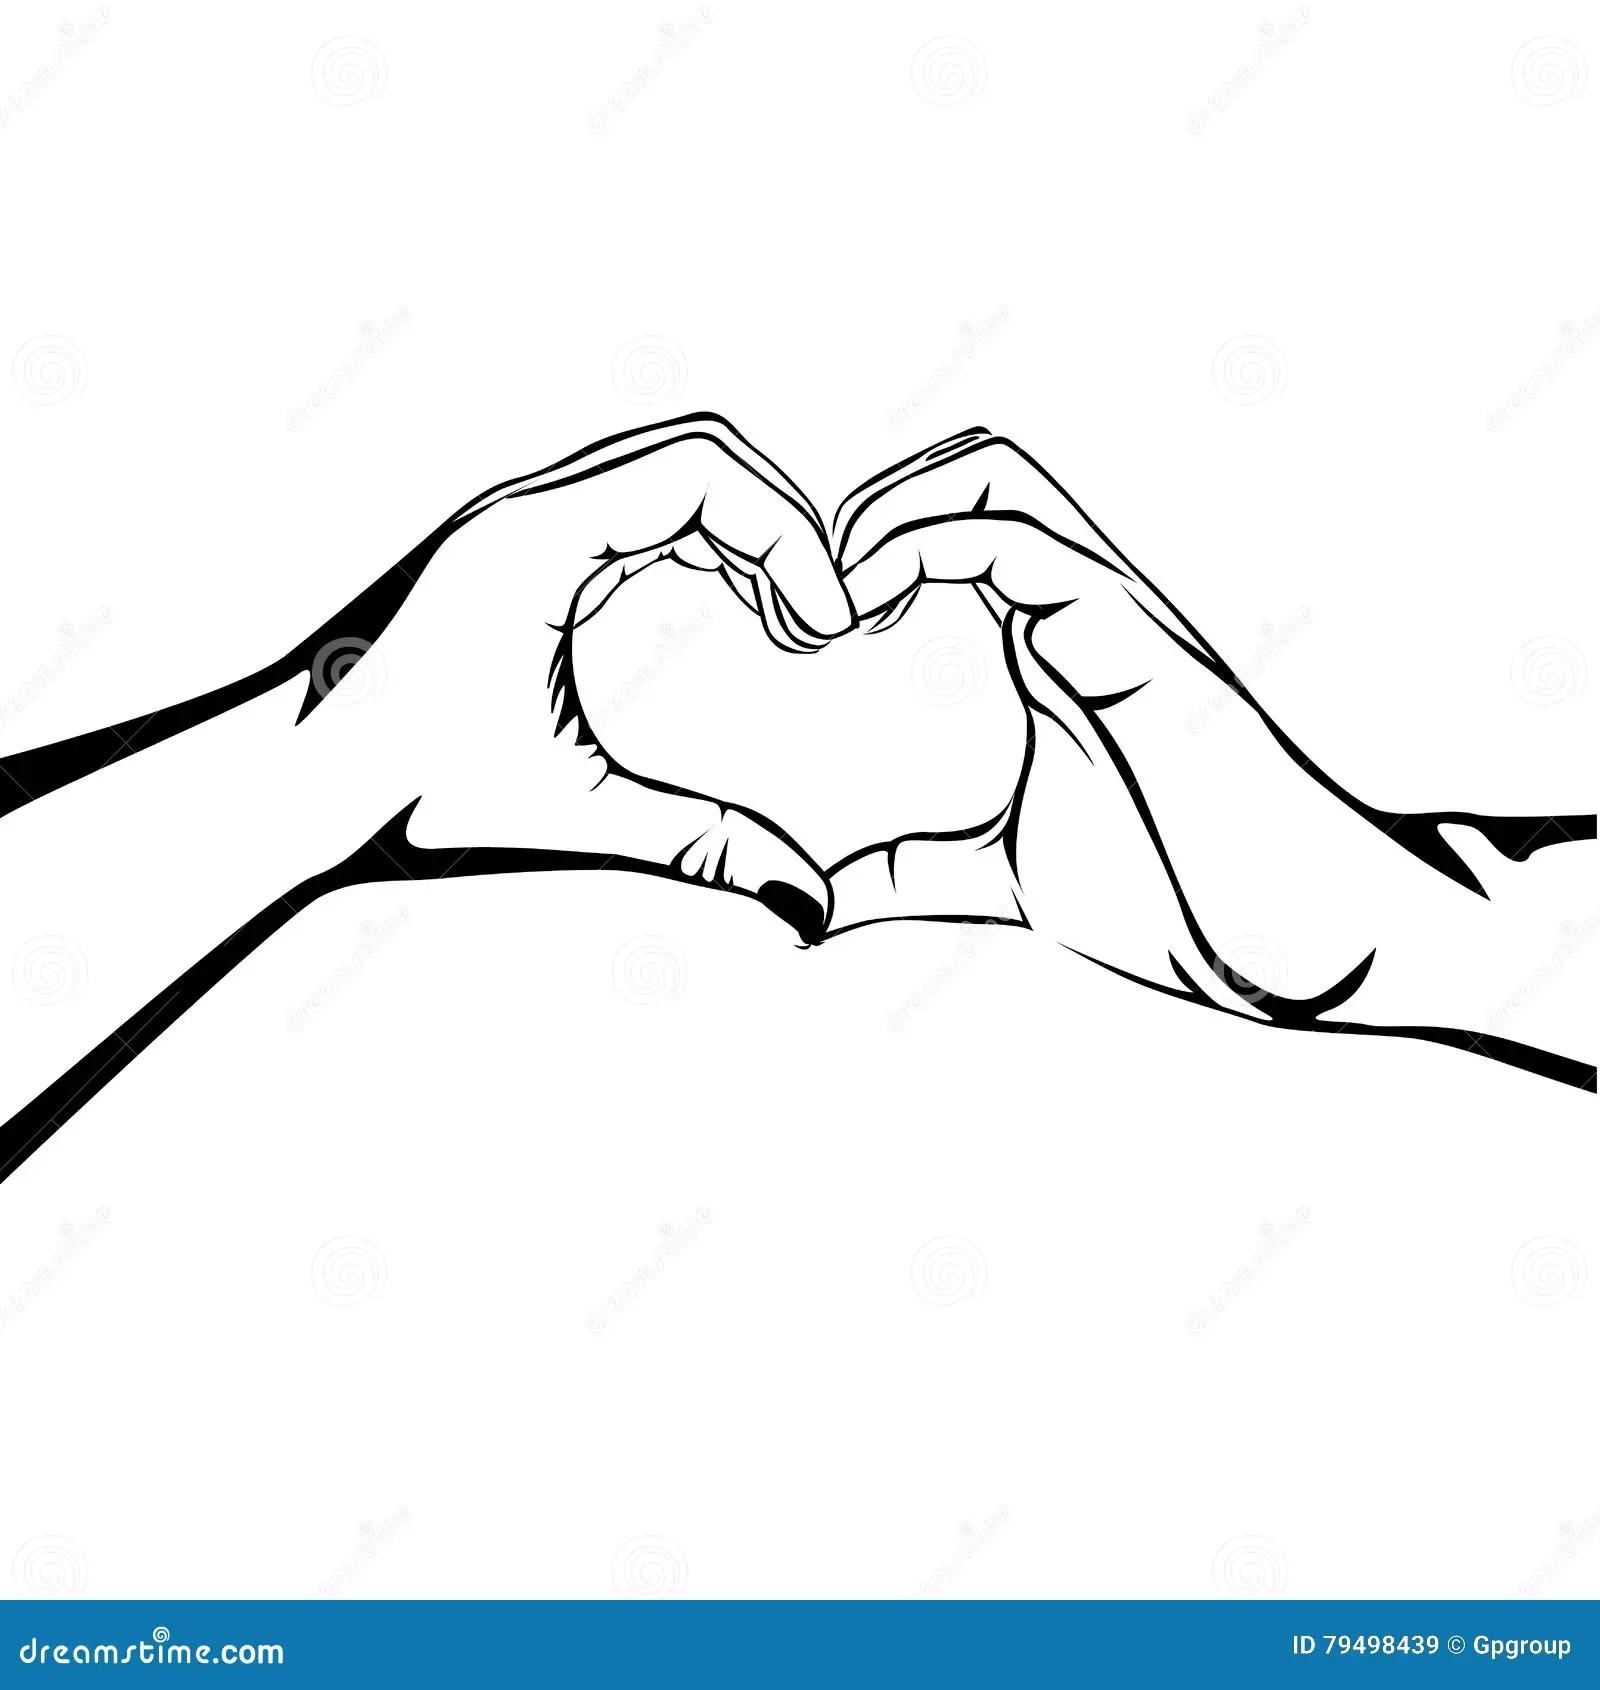 Hands Making Heart Gesture Image Stock Vector